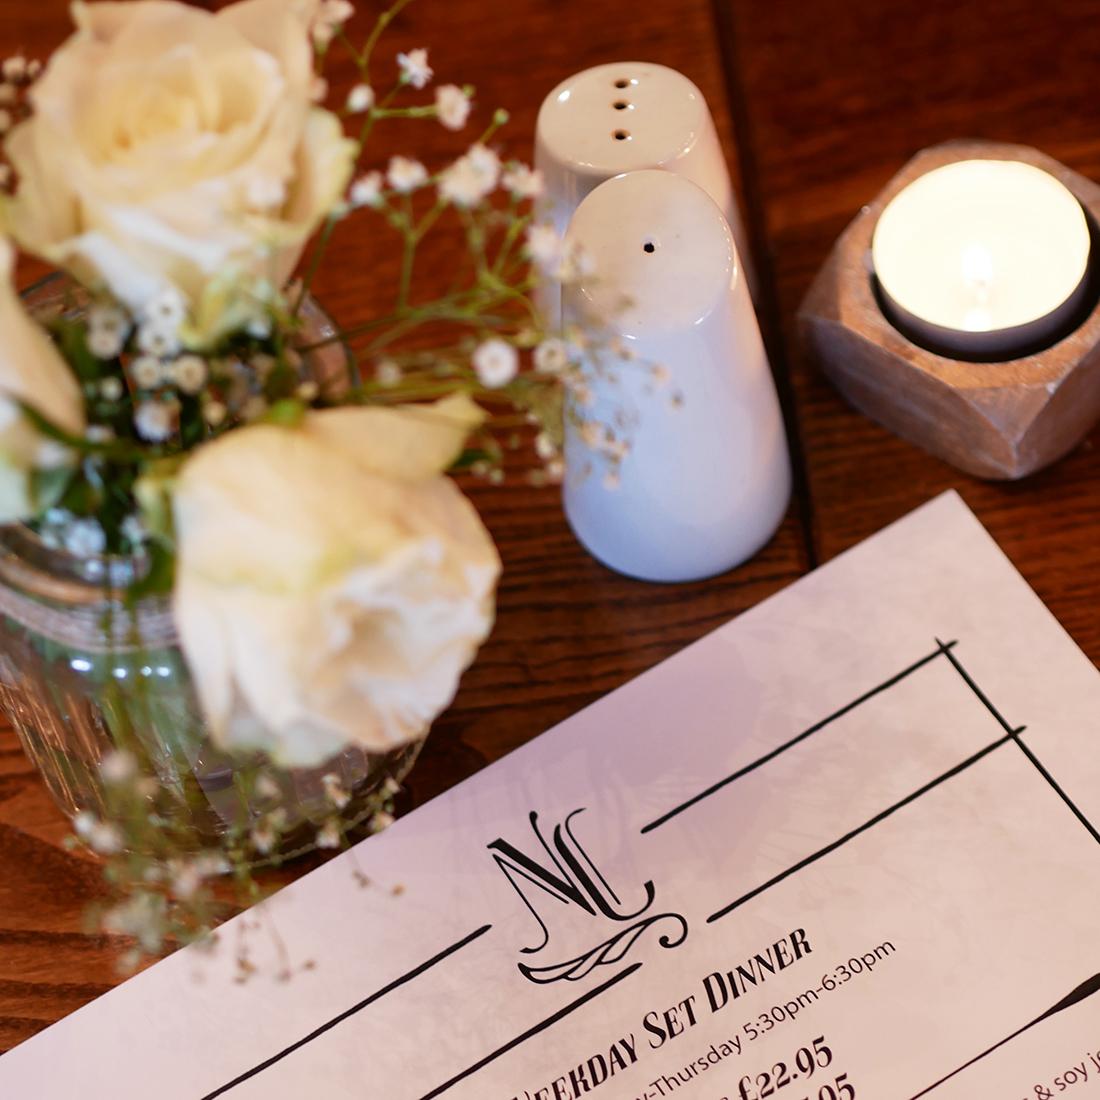 new chapter edinburgh restaurant private dining 2.jpg